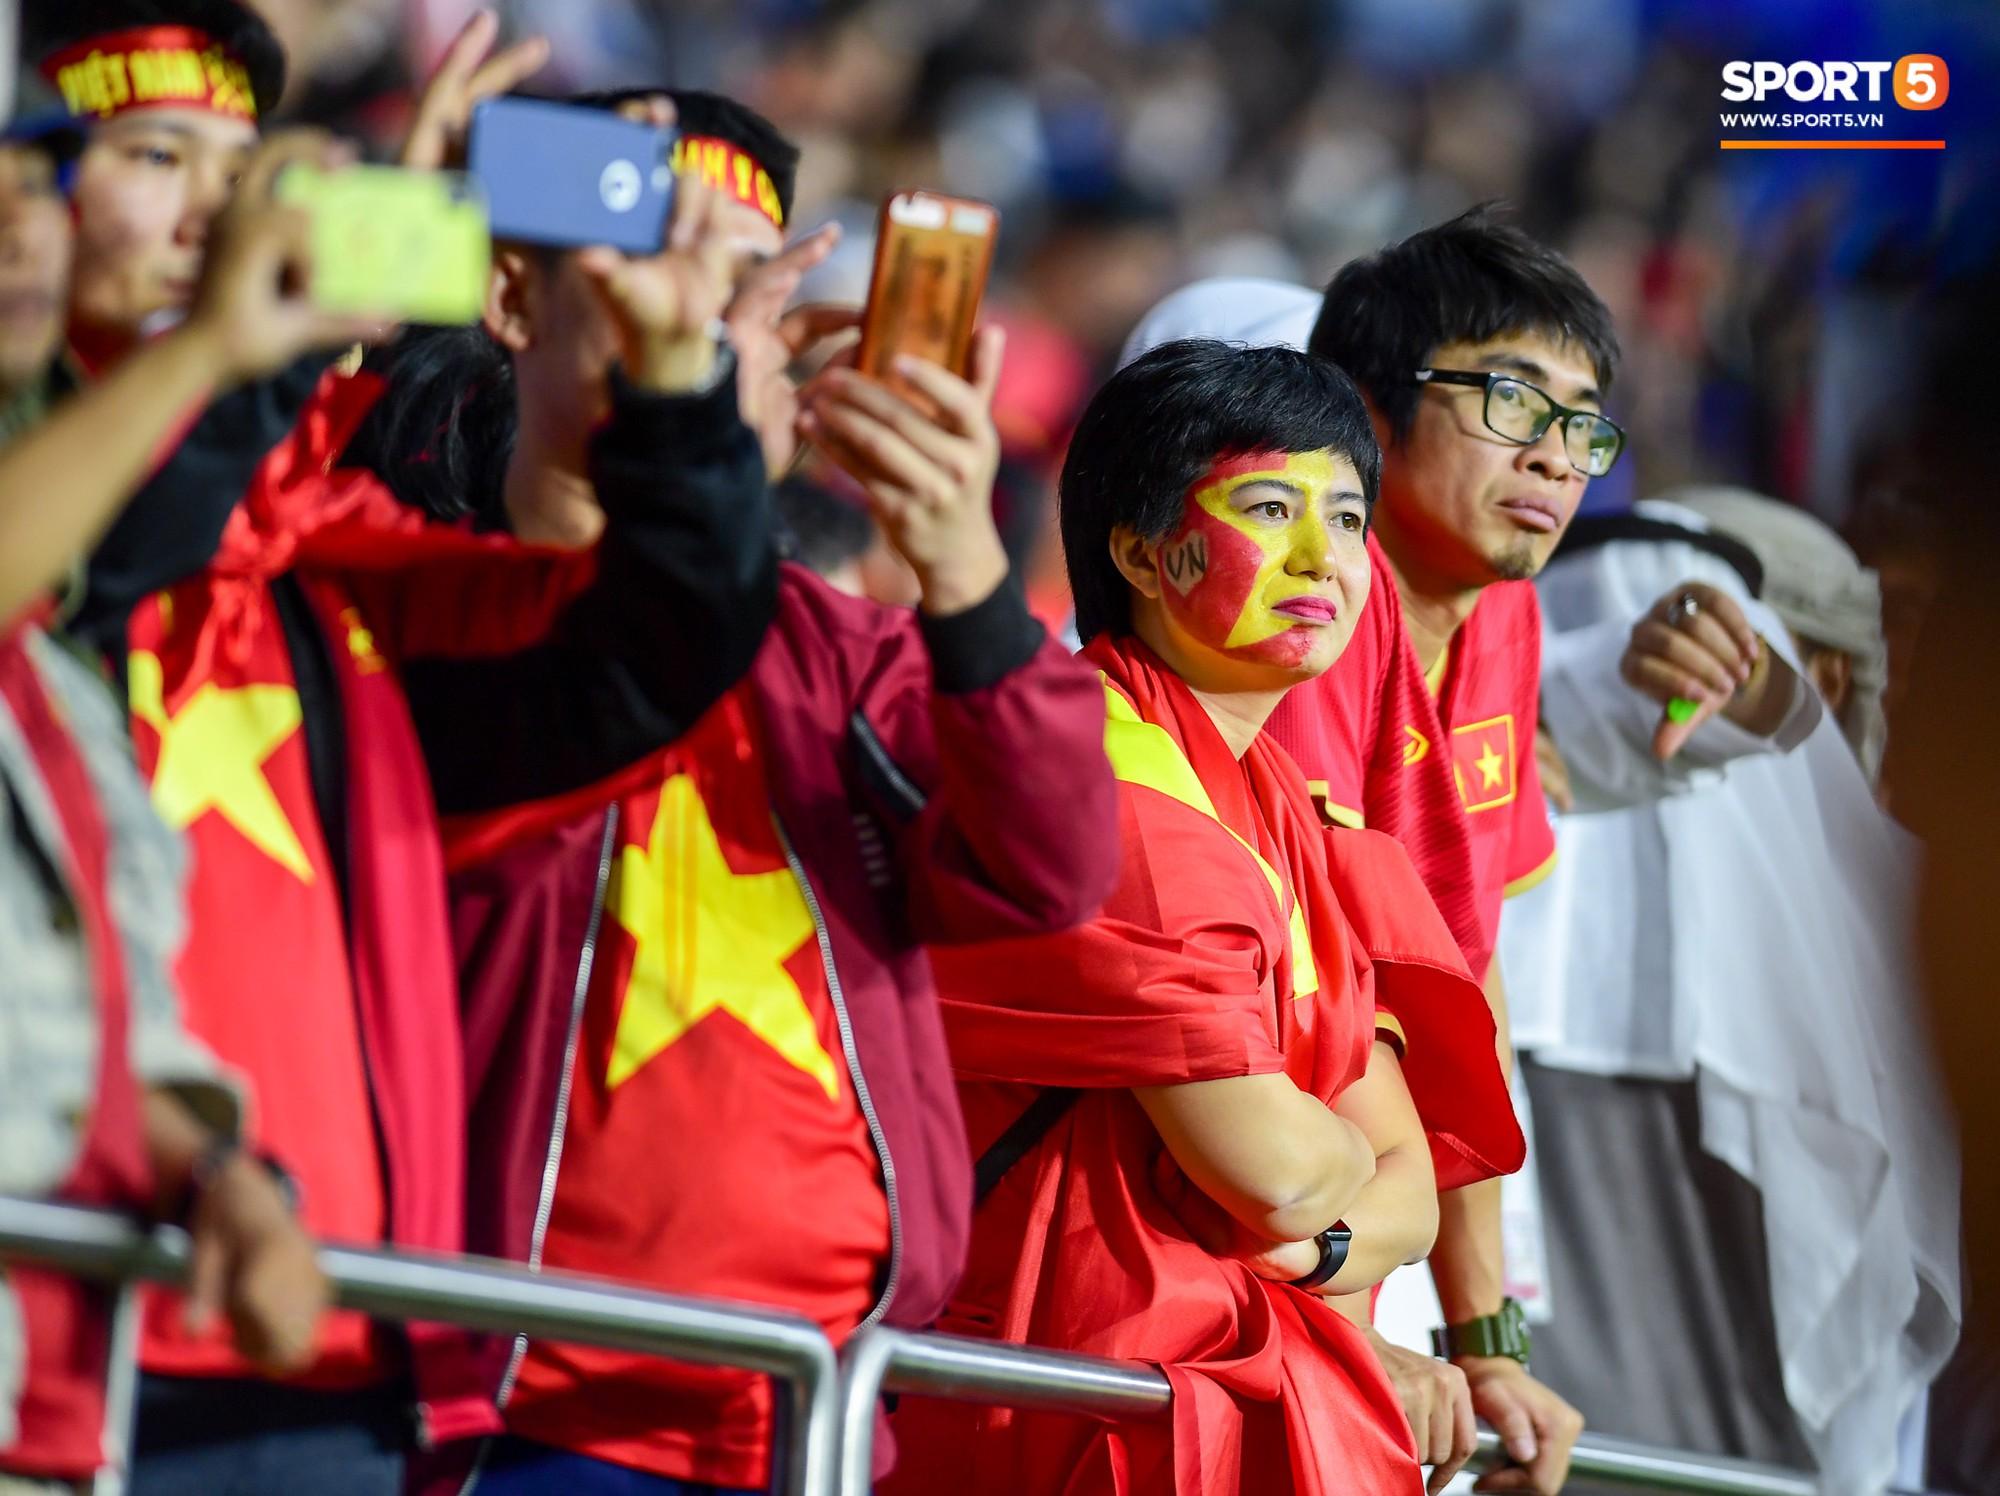 Trận thua này có tiếc nuối nhưng cũng chỉ ra bóng đá Việt Nam vẫn còn ở một khoảng cách trình độ rất xa với Nhật Bản. Điều đáng mừng là với thế hệ này, khoảng cách ấy đã được thu hẹp đáng kể so với trước đây.